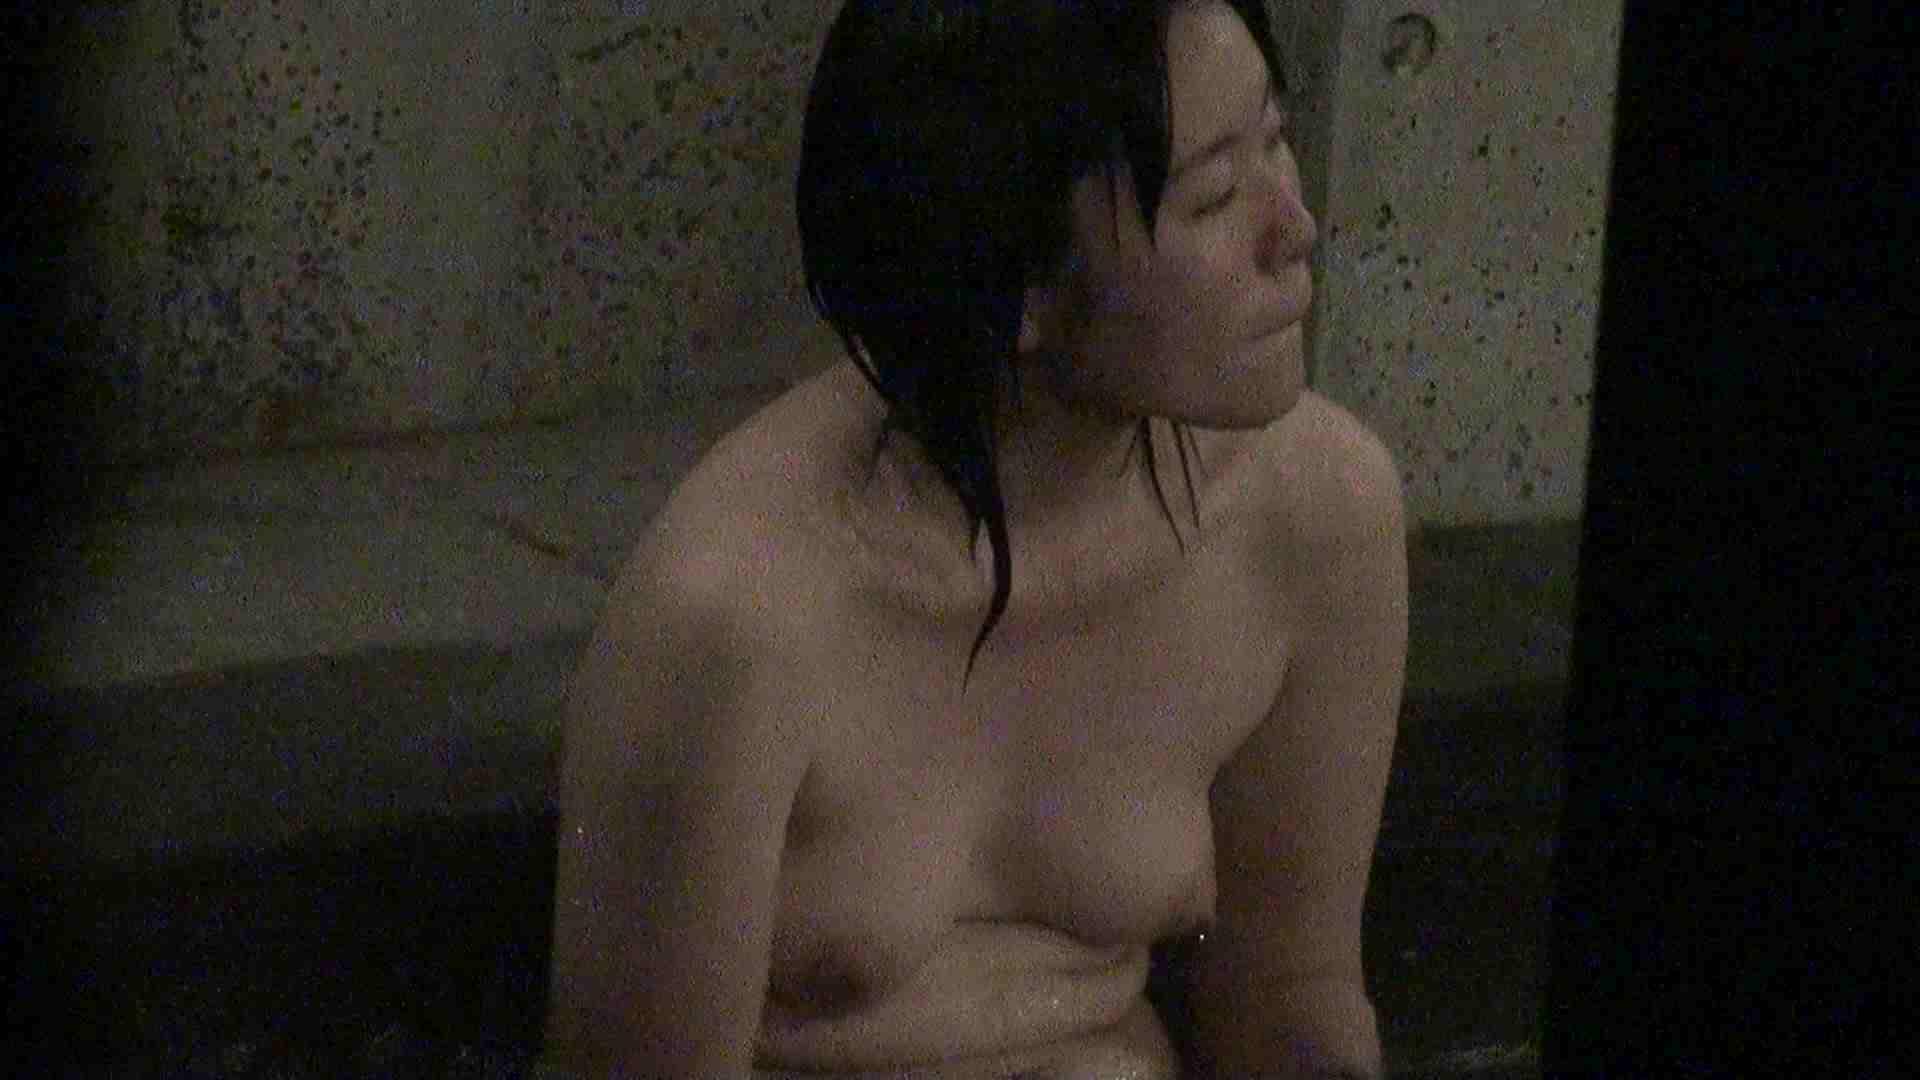 Aquaな露天風呂Vol.369 盗撮シリーズ  106PIX 88